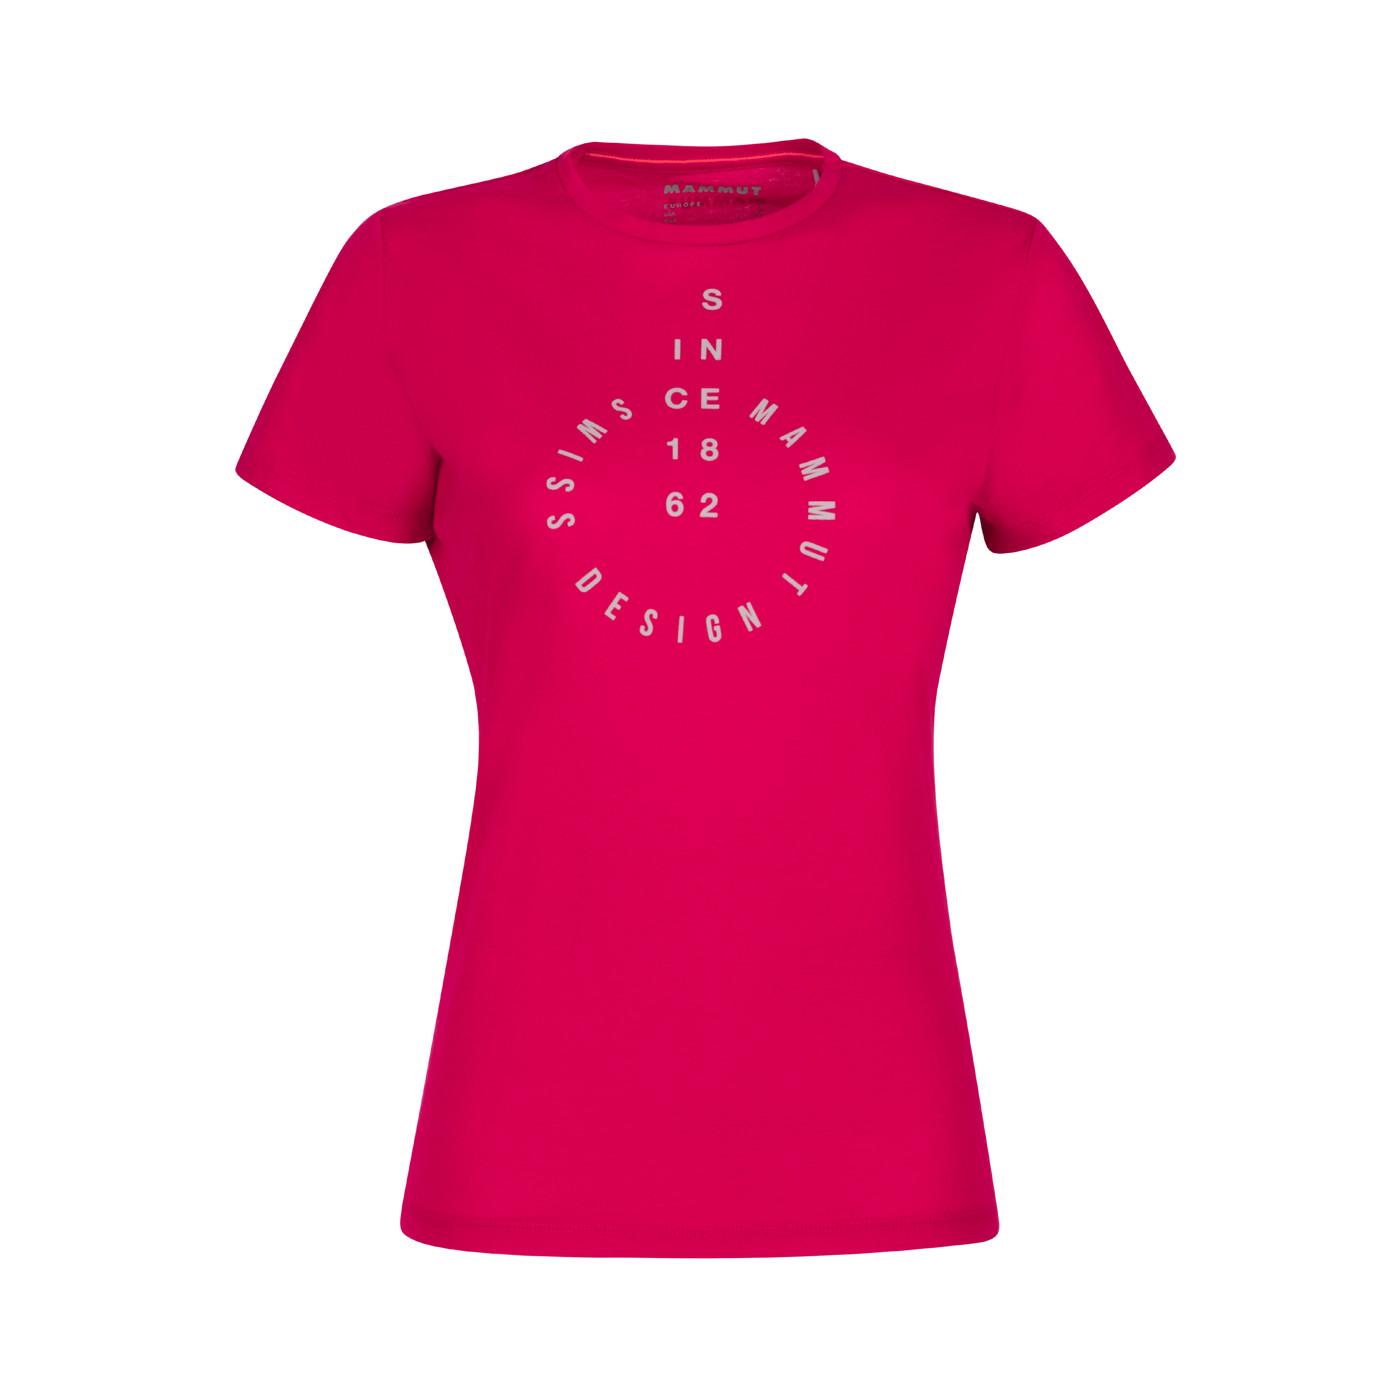 MAMMUT Seile T-Shirt - Damen